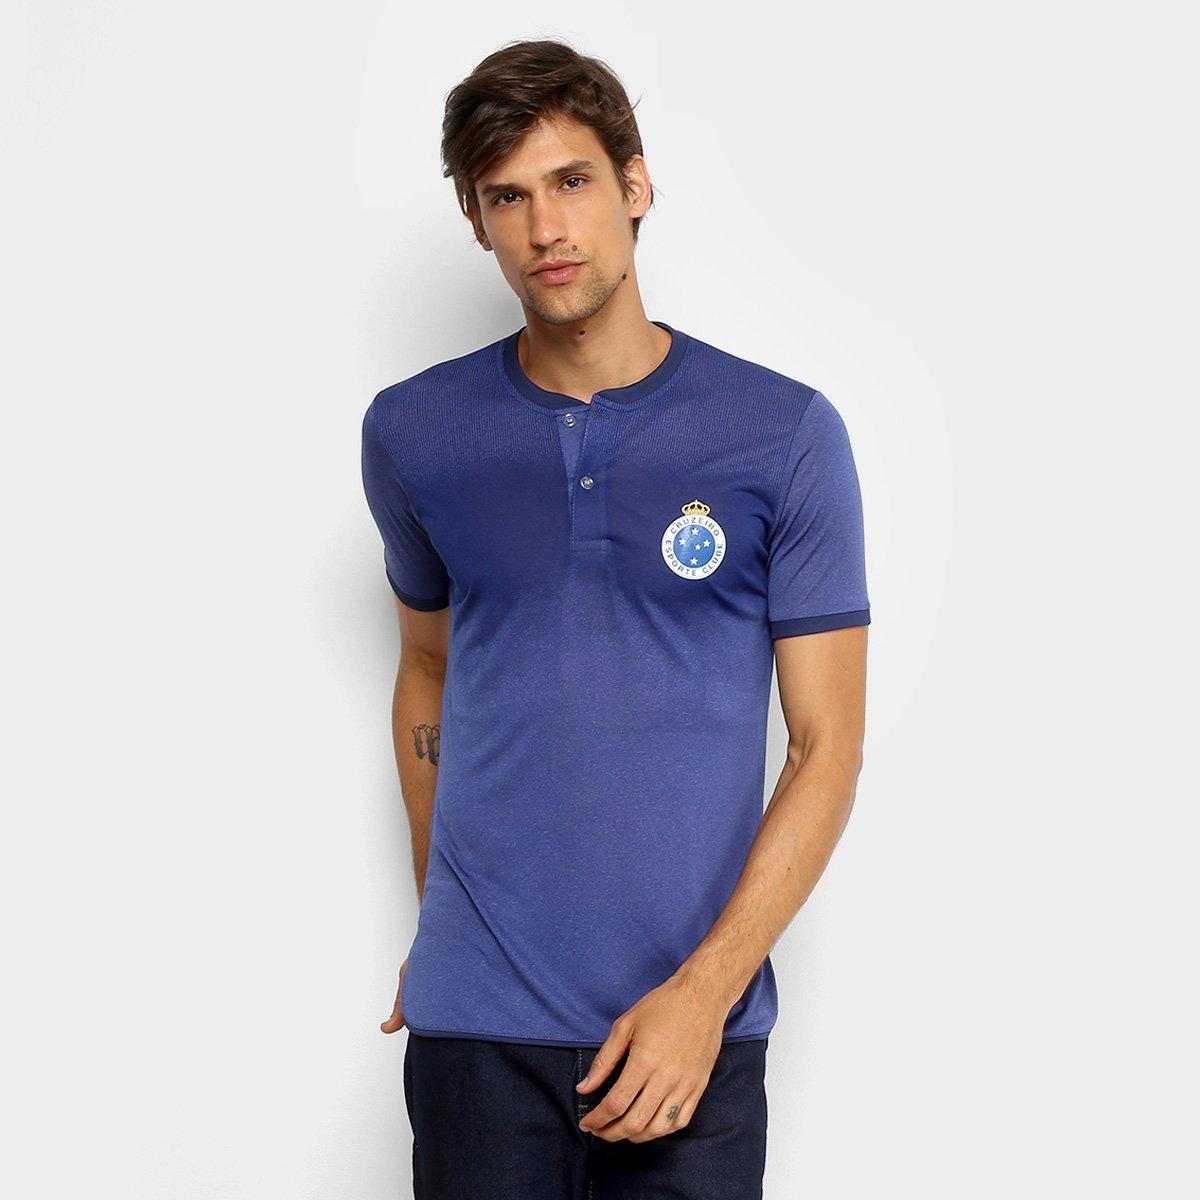 Camiseta Cruzeiro Gang Masculina 914647a4ea4a6